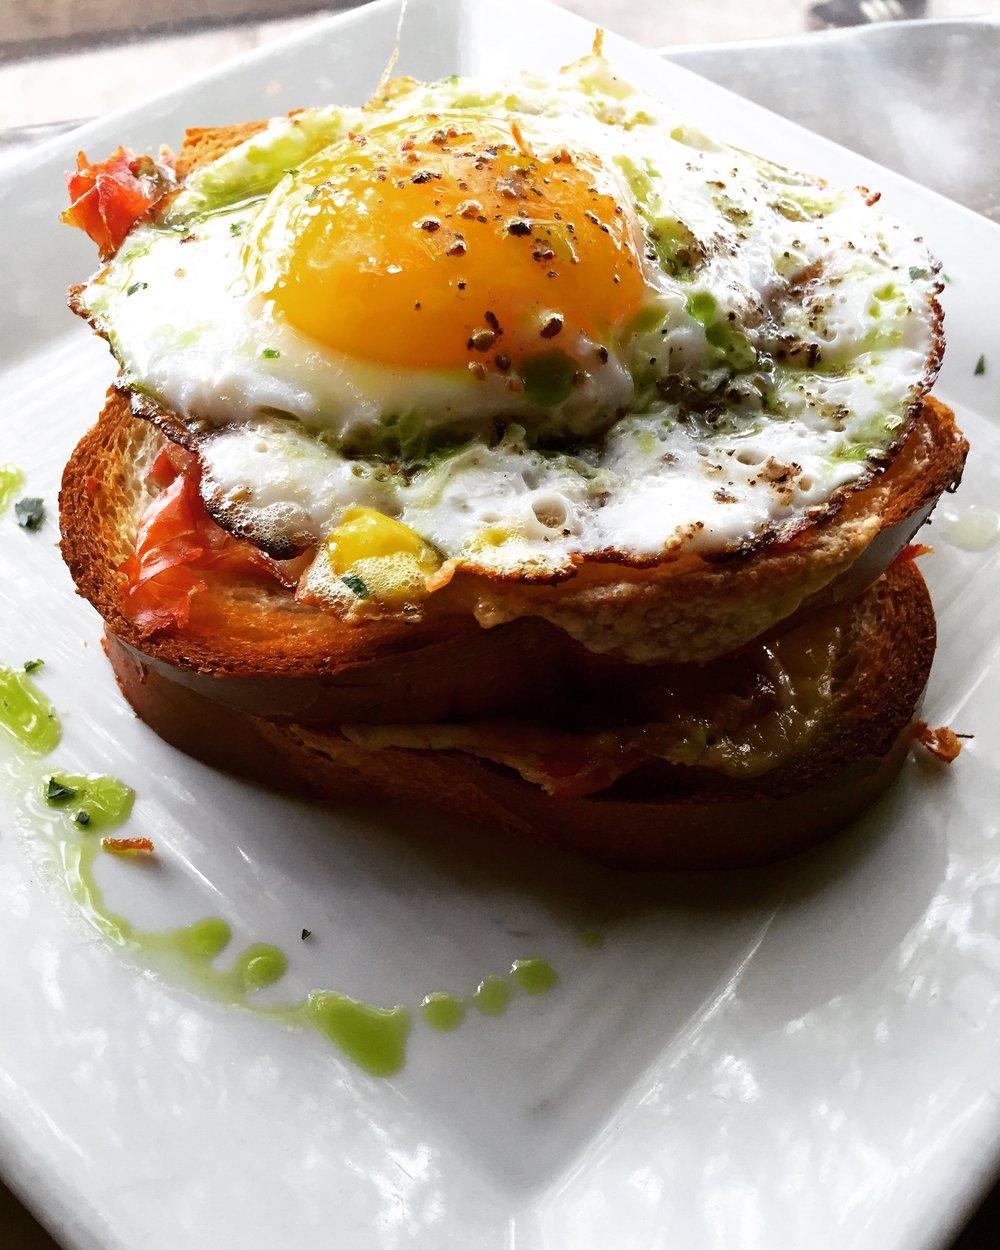 The Uitsmitjer -Sunny side duck egg, crispy prosciutto & gouda on brioche -Corner Charcuterie Bar, Baltimore, MD